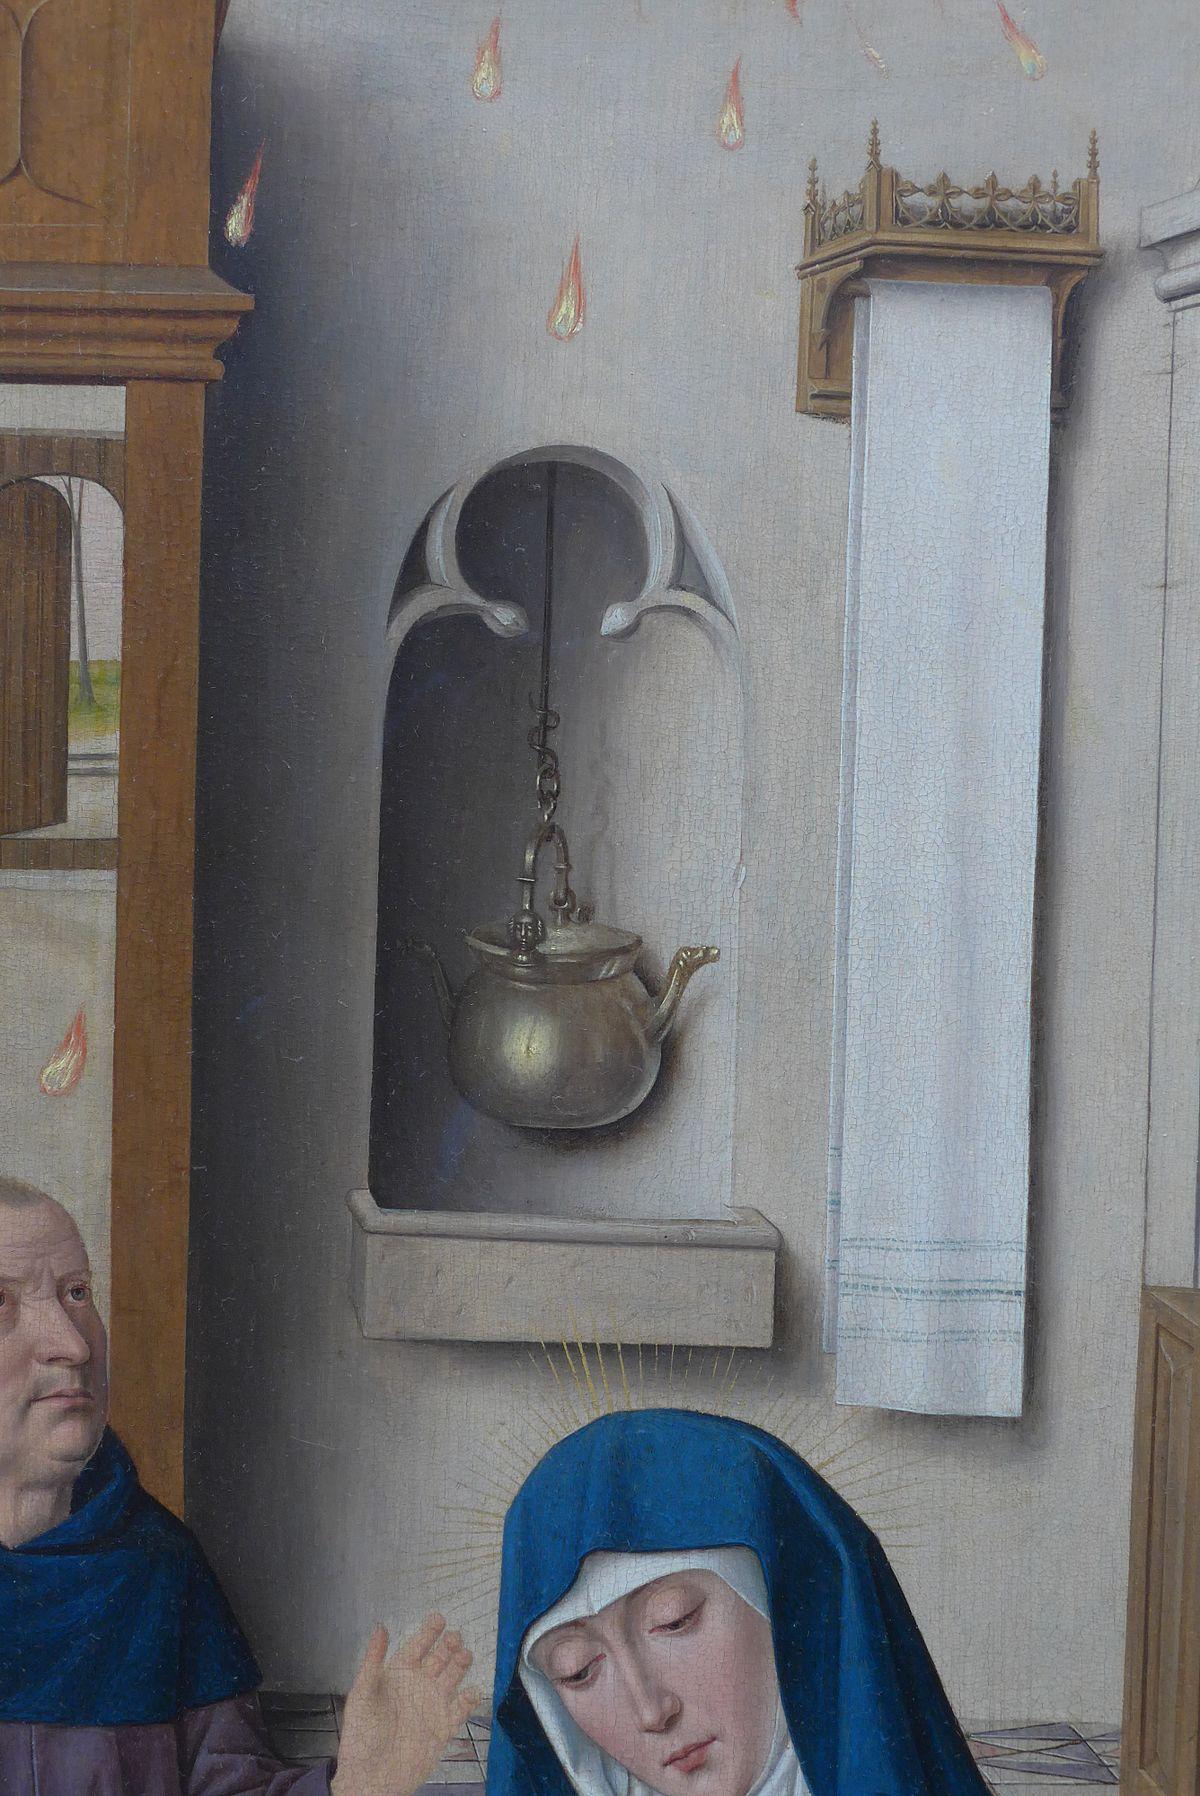 Niedlich Kessel Wikipedia Galerie - Der Schaltplan - greigo.com